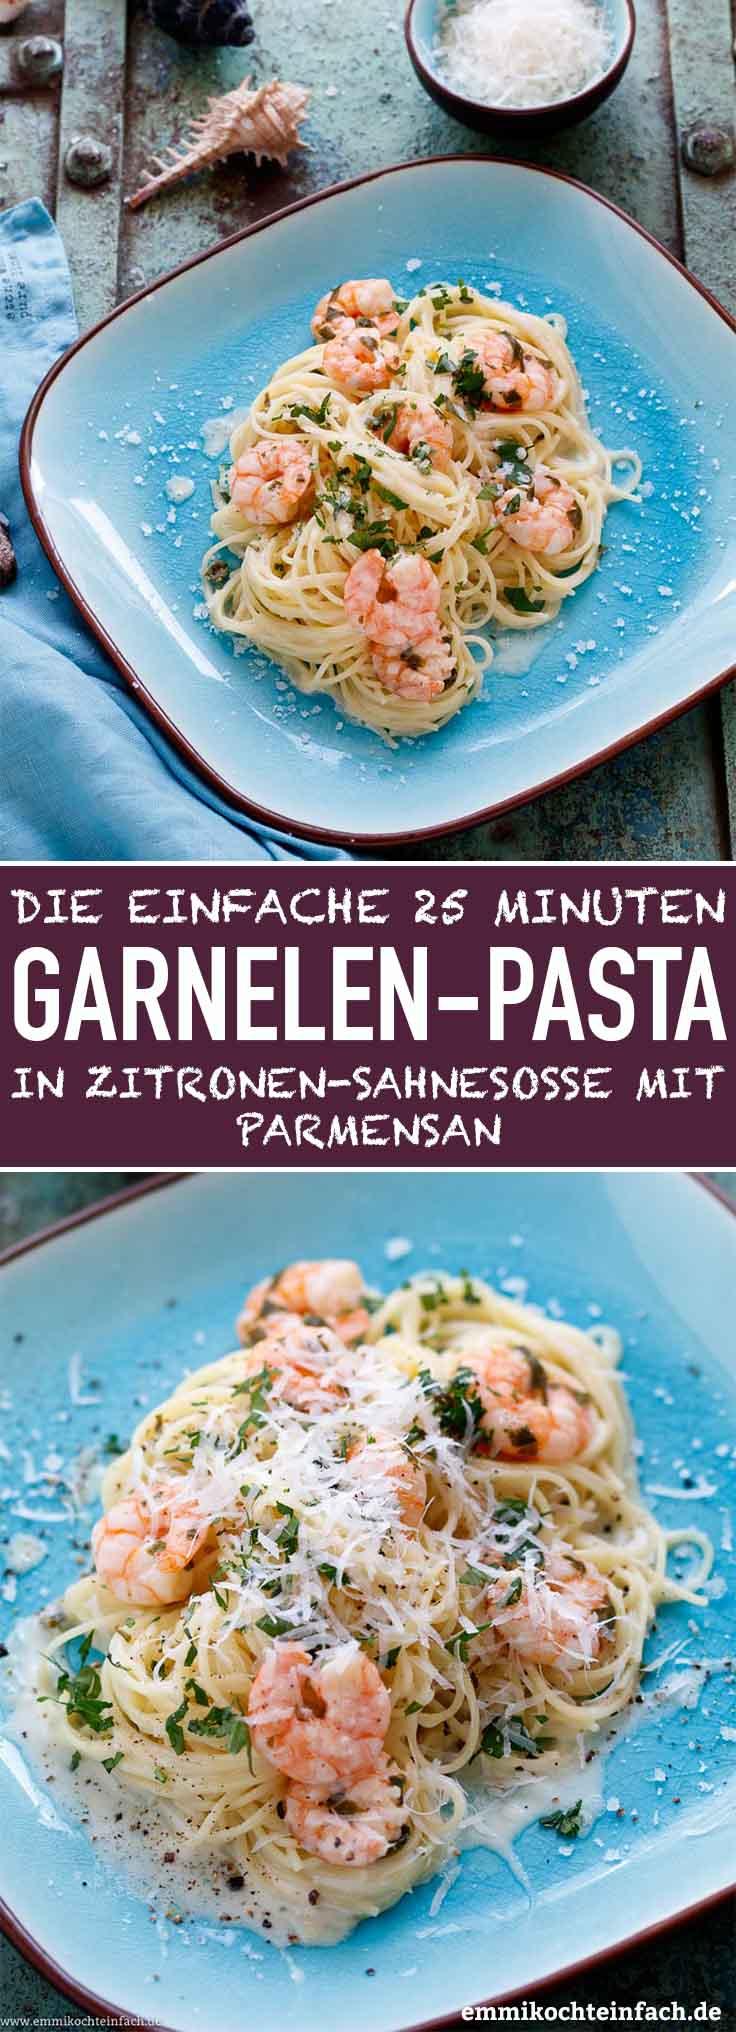 Capellini mit Garnelen in Zitronen-Sahnesosse - www.emmikochteinfach.de